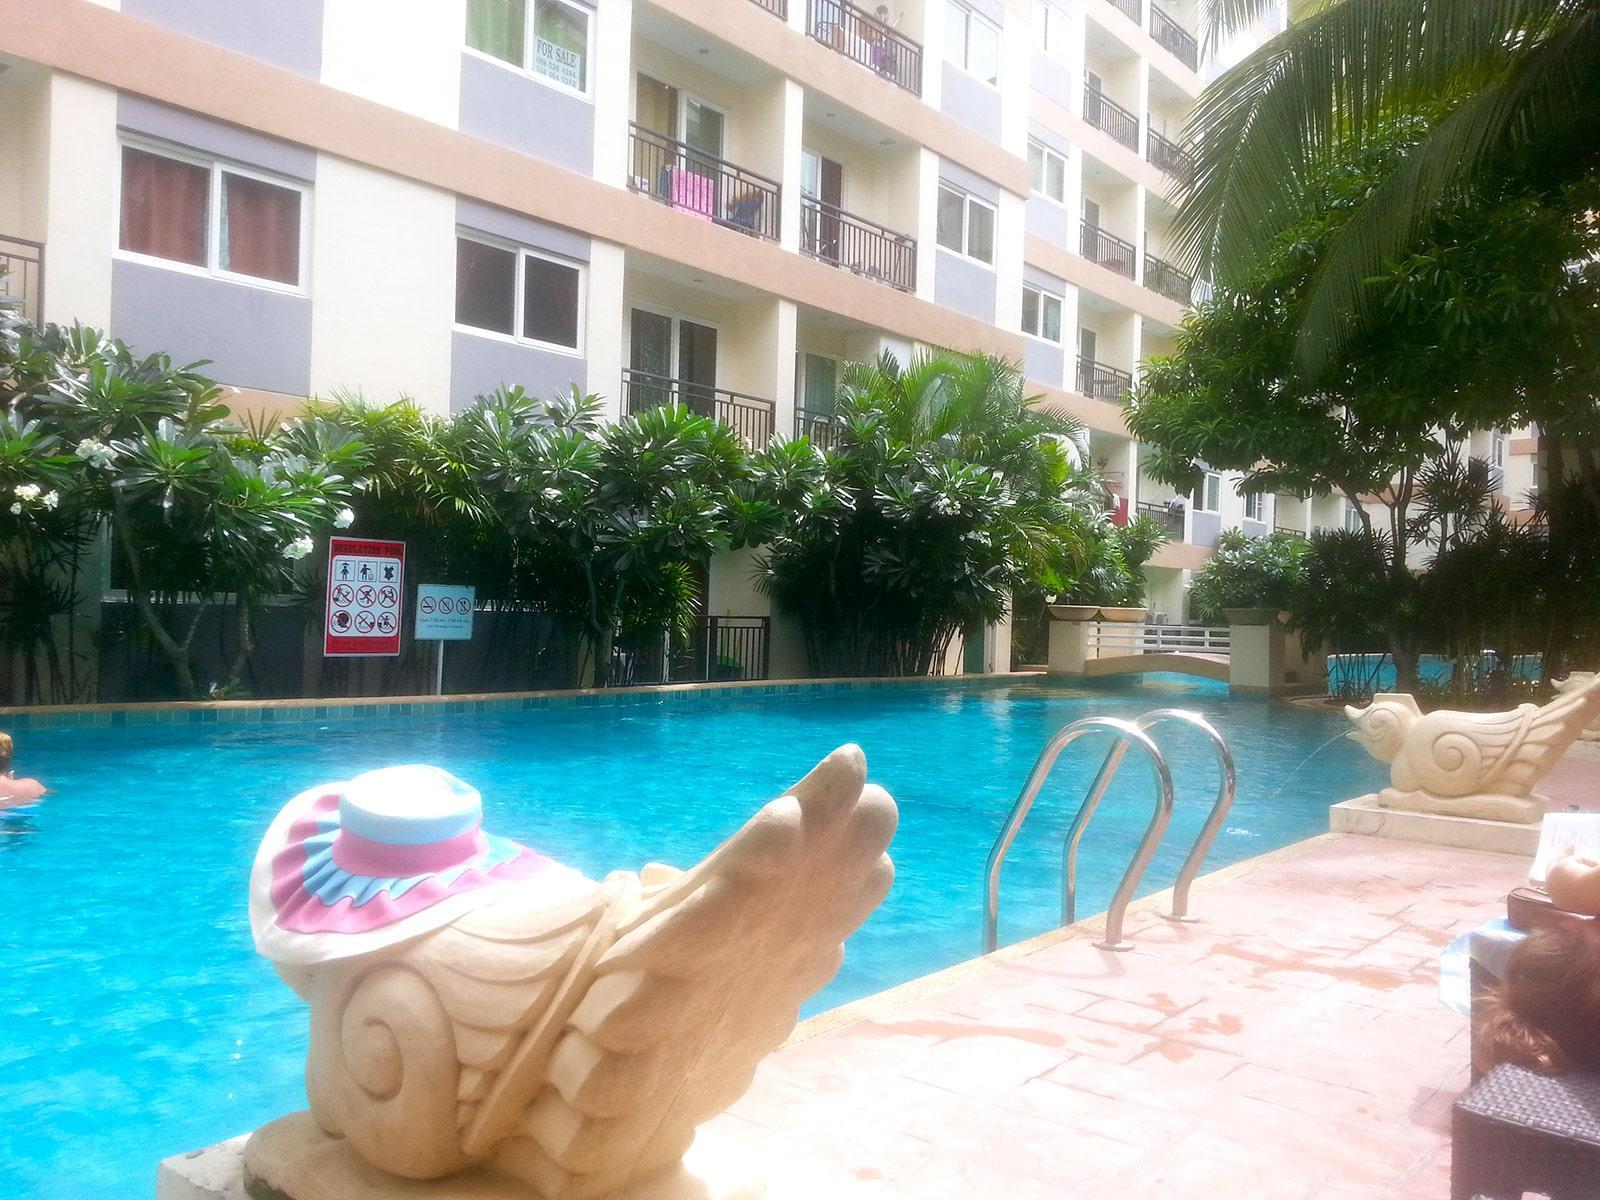 Petit apparemment, piscine, salle de sport : 250€/mois. (Thaïlande)